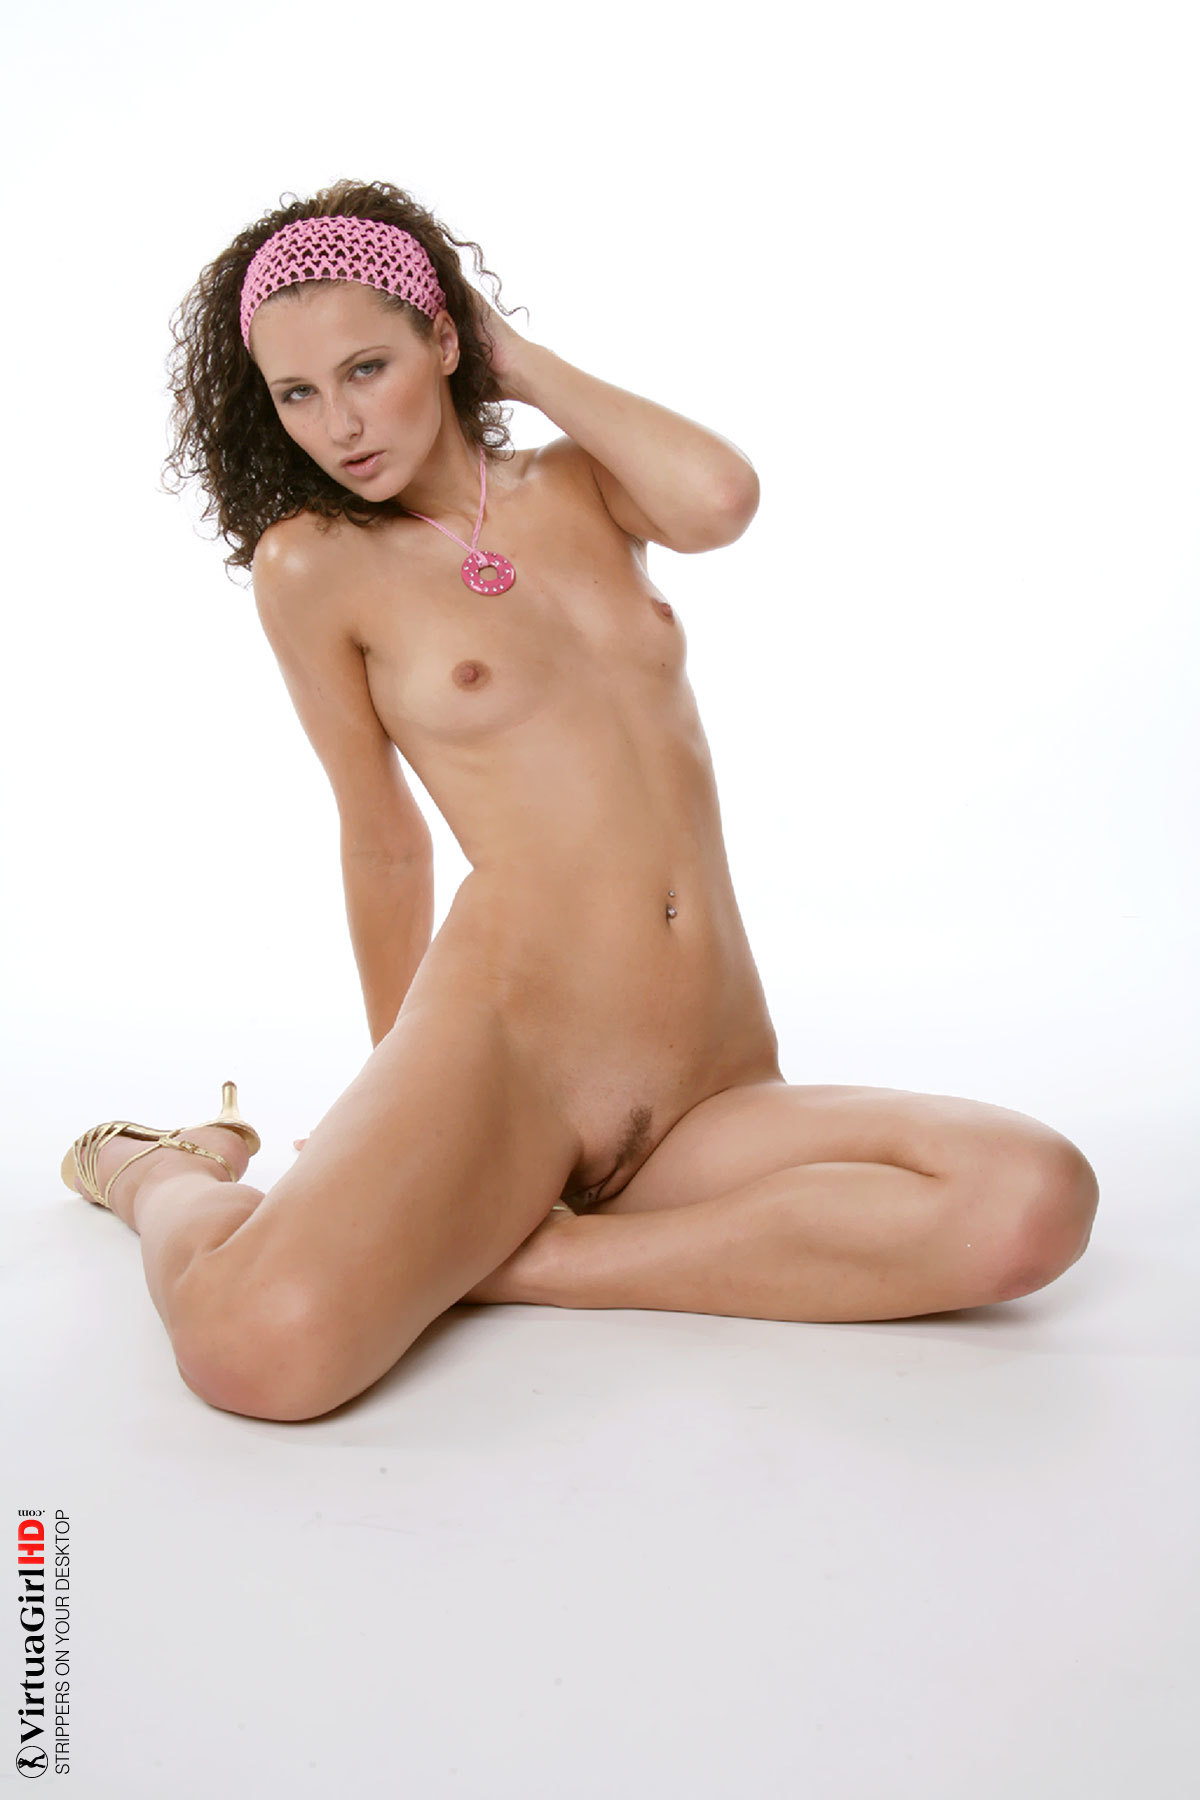 girls stripping and masturbating tumblr